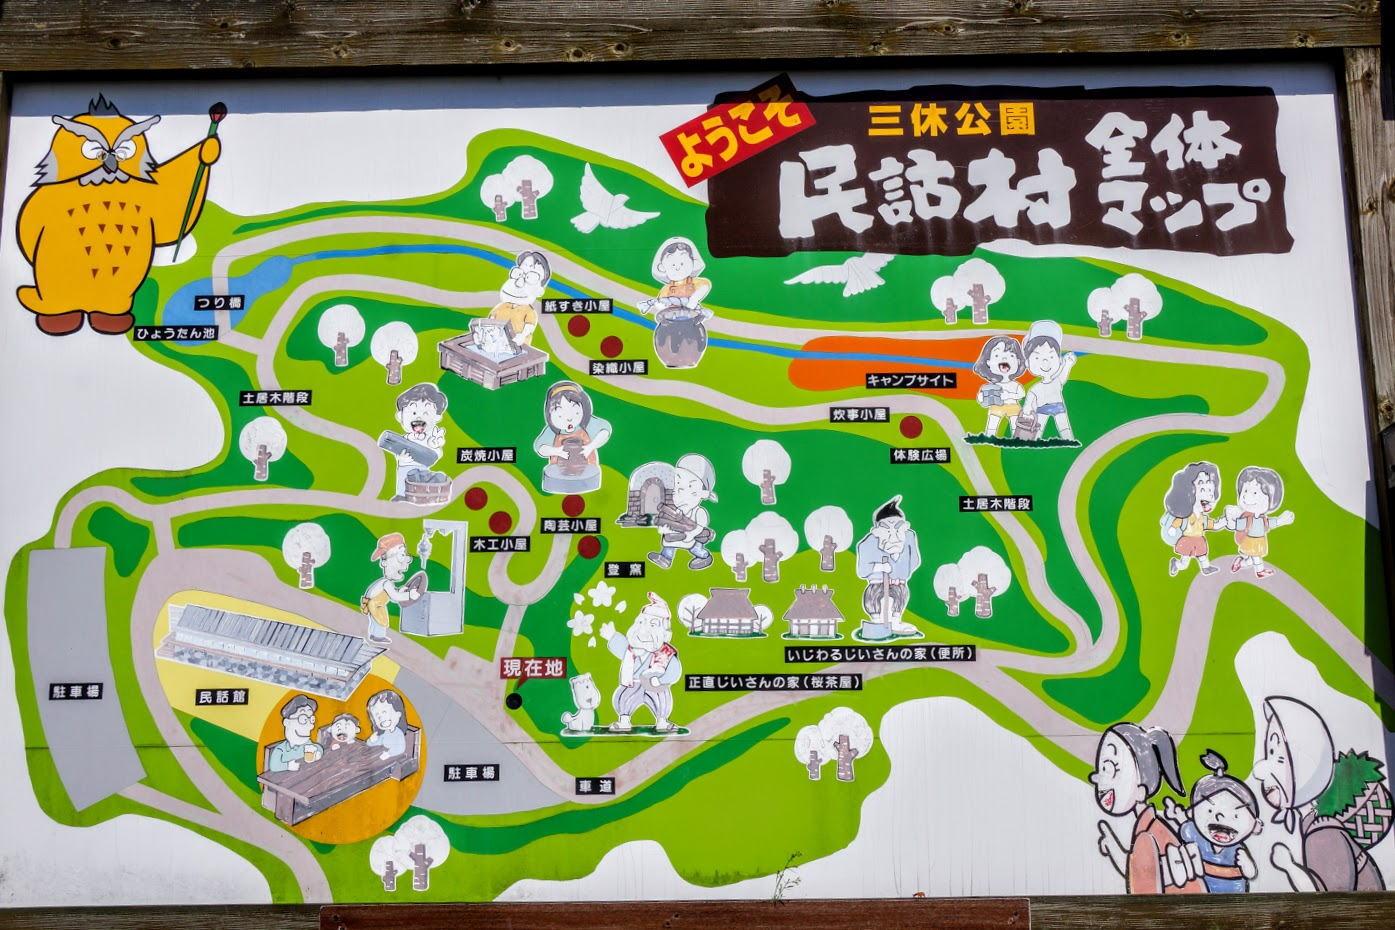 民話村案内図ー三休公園ー